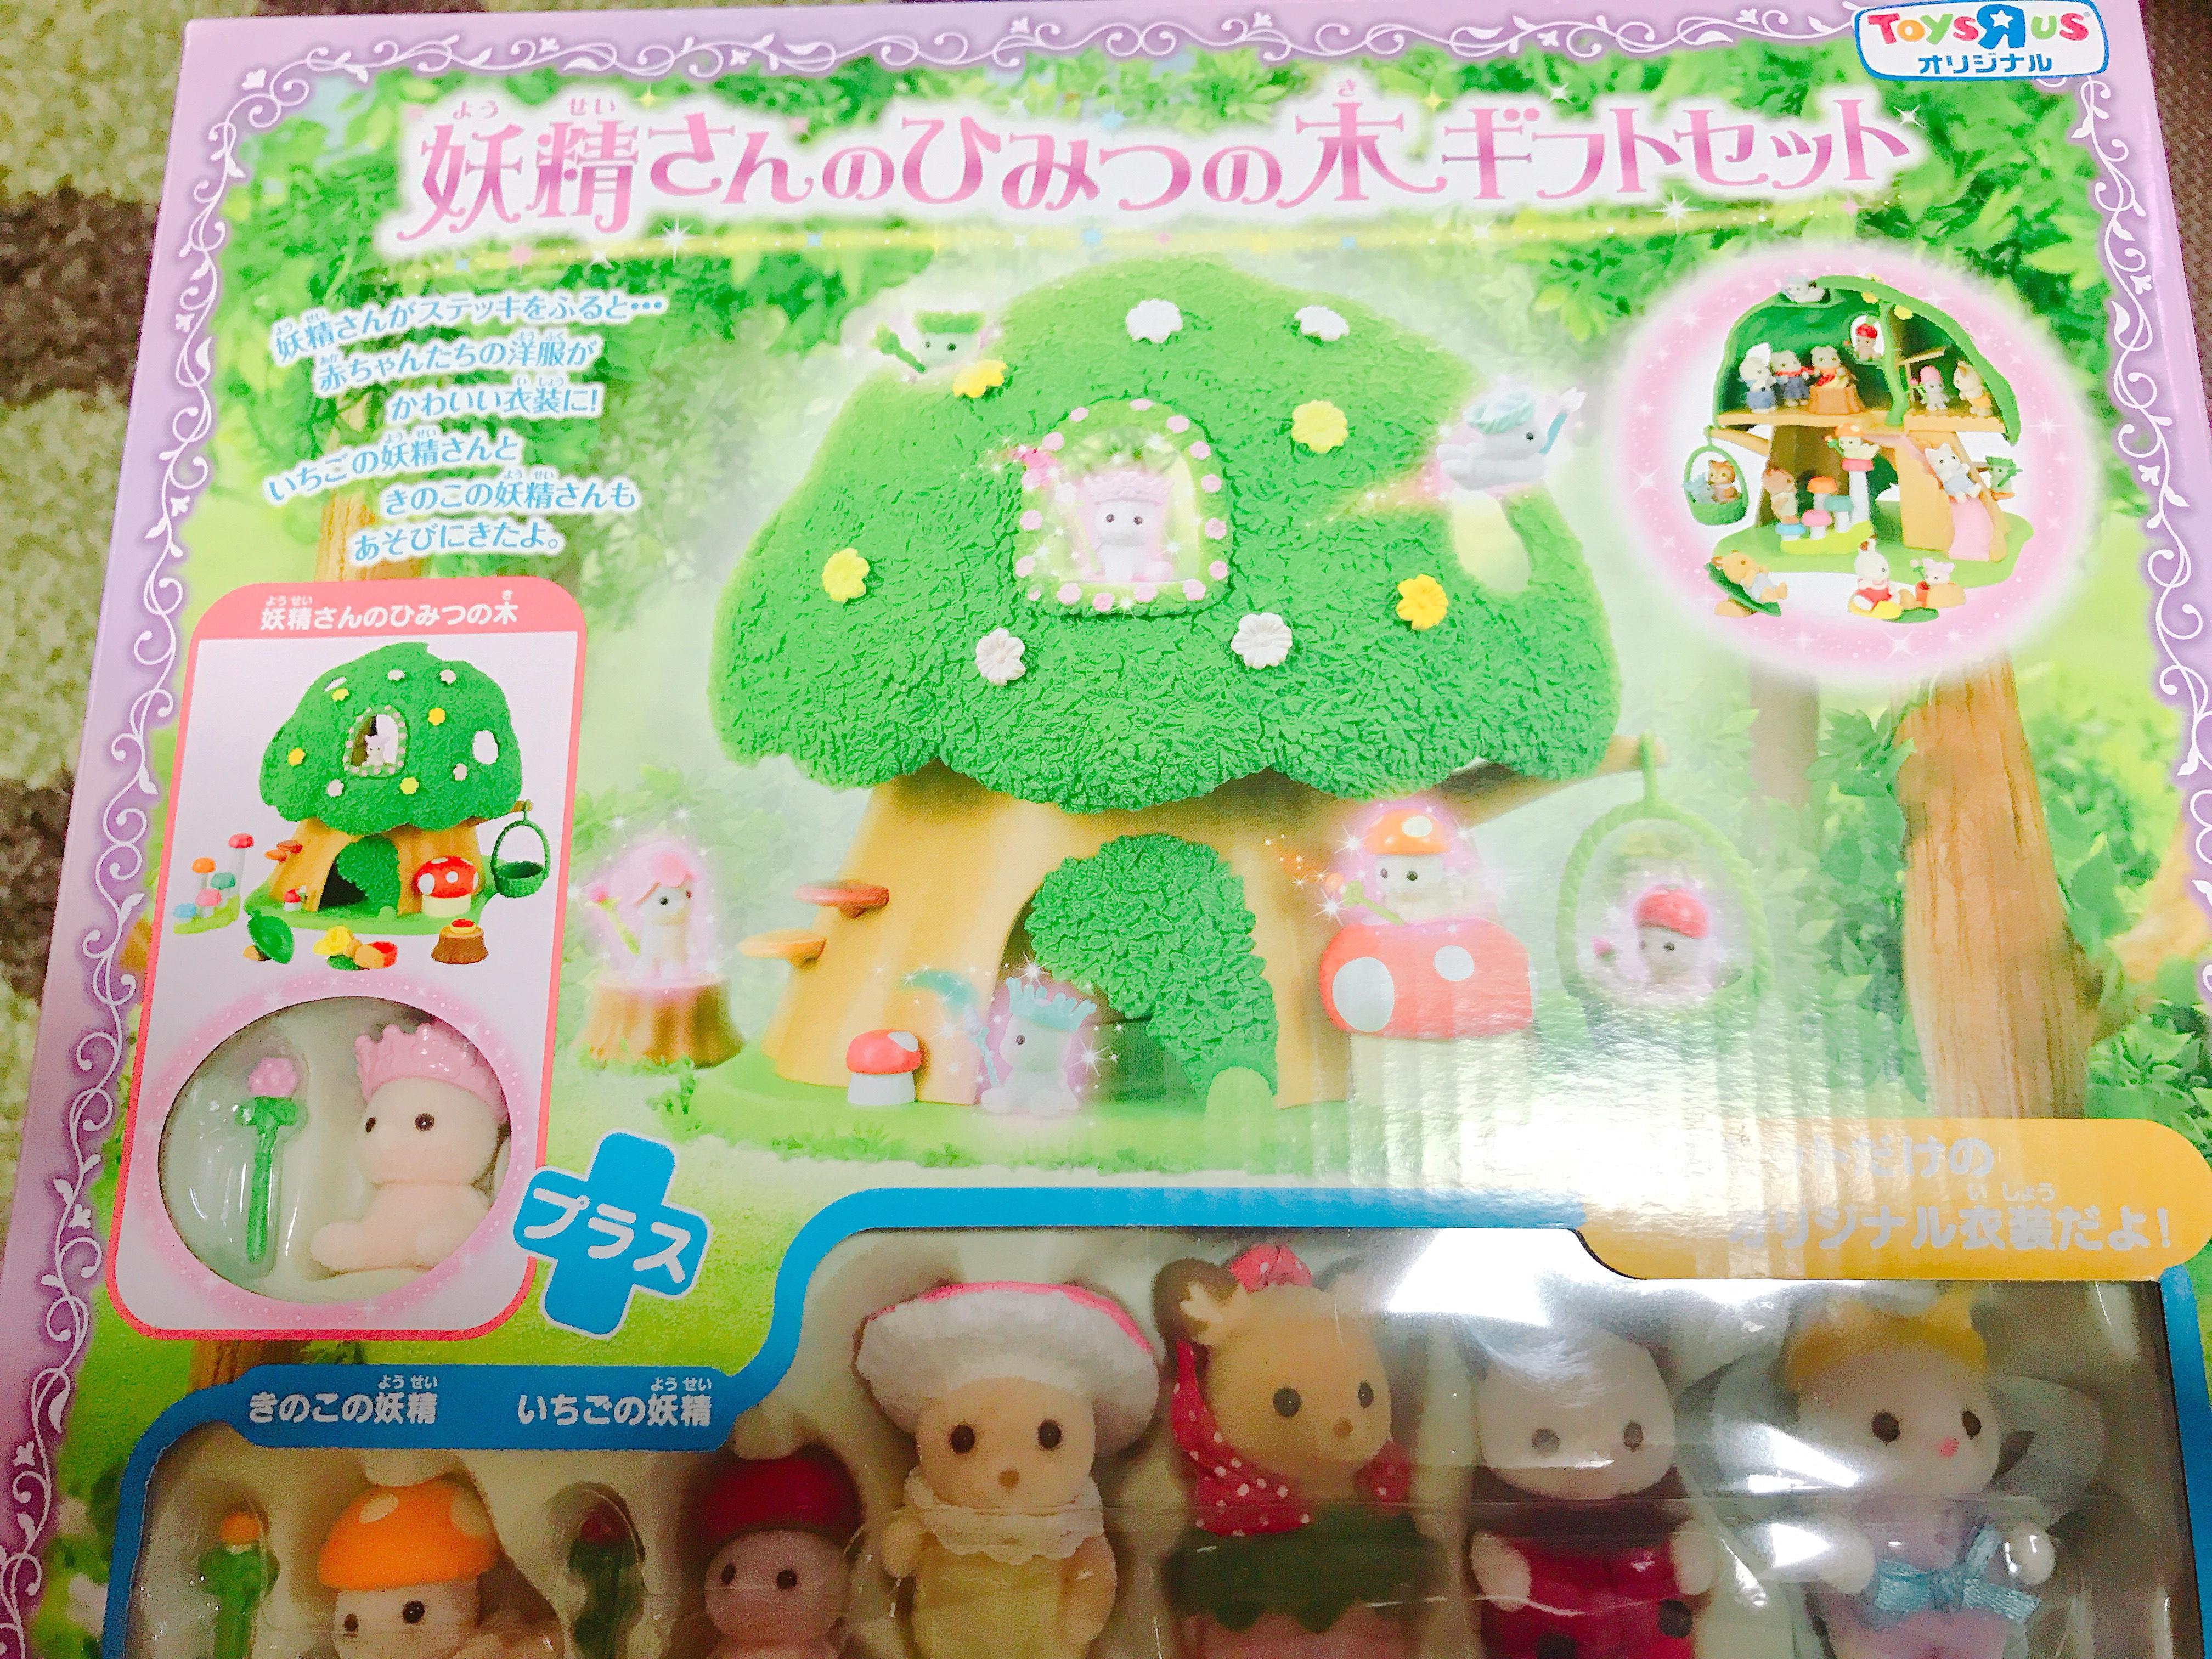 クリスマスプレゼント 女の子におすすめ☆ 妖精さんのひみつの木ギフトセット☆